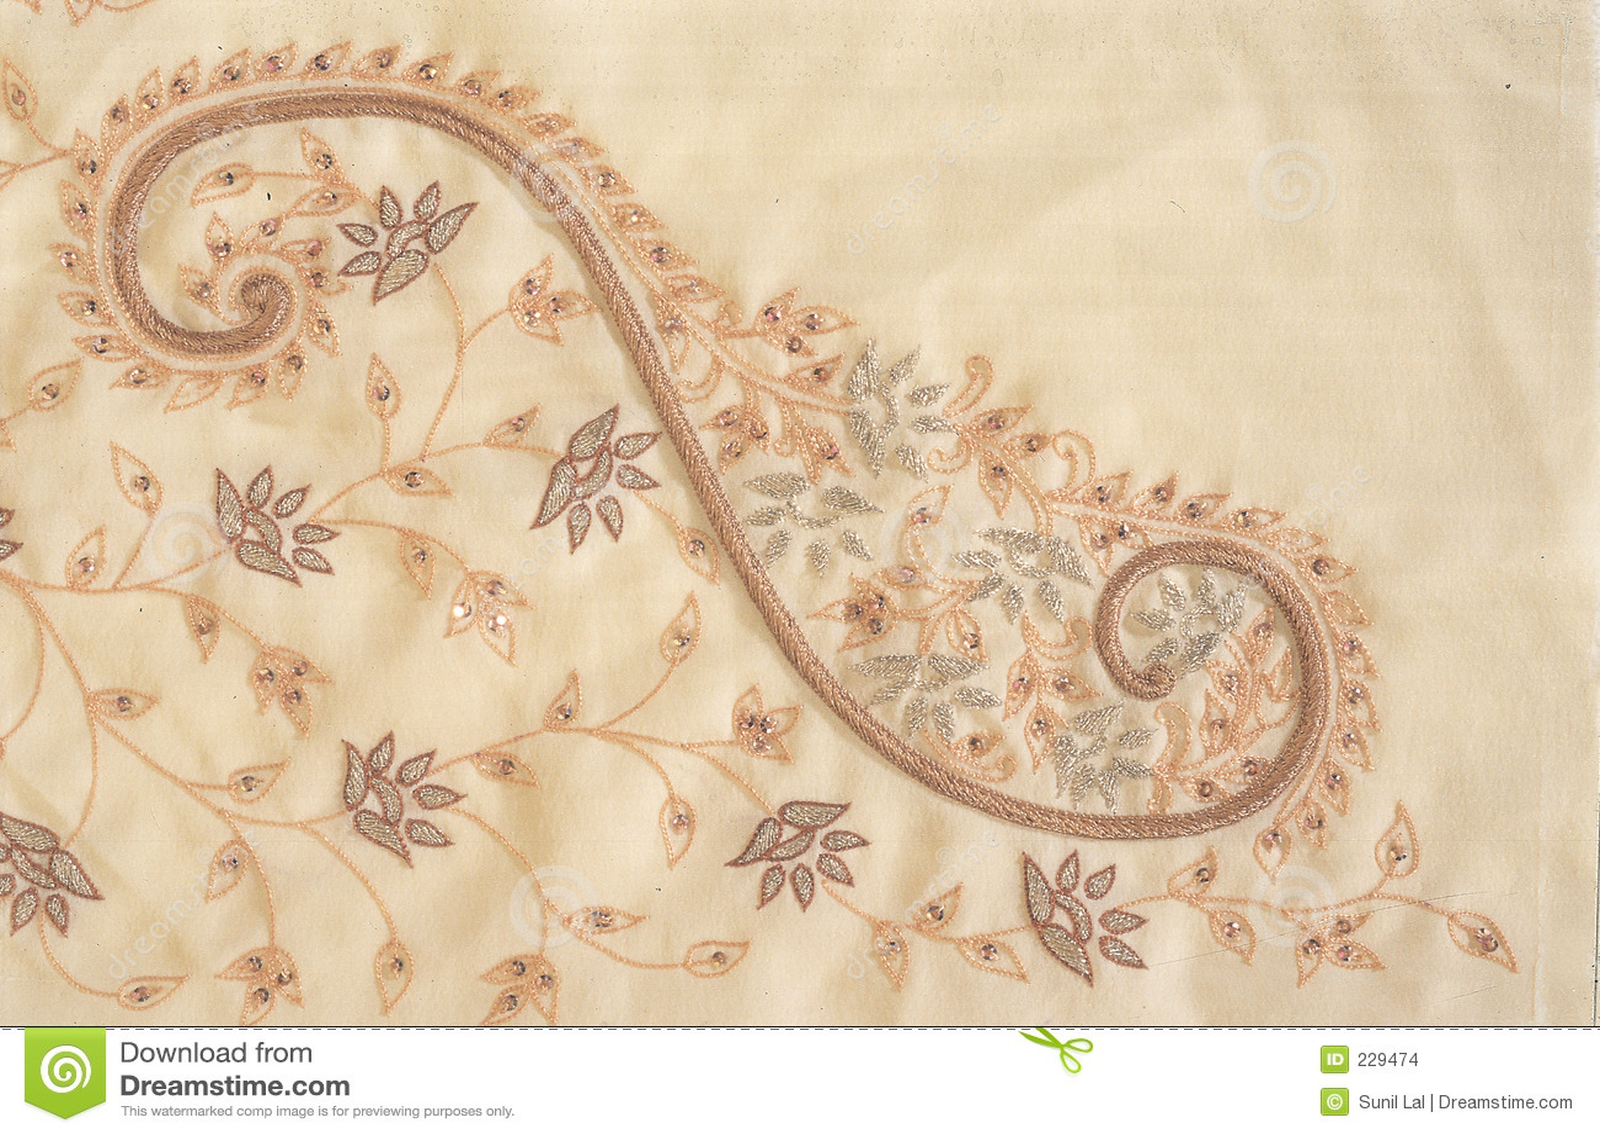 Indian Zardozi Embroidery Work Stock Photo Image Of Garments